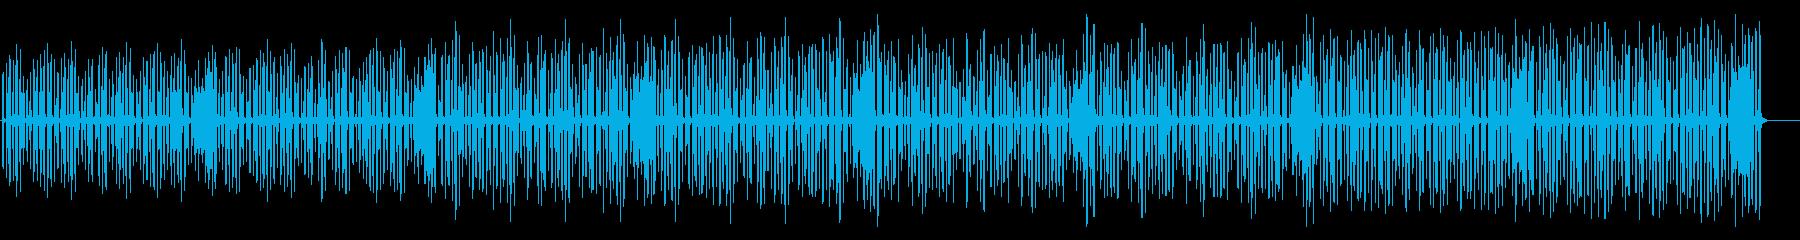 ほのぼの・マーチ風リコーダ曲の再生済みの波形